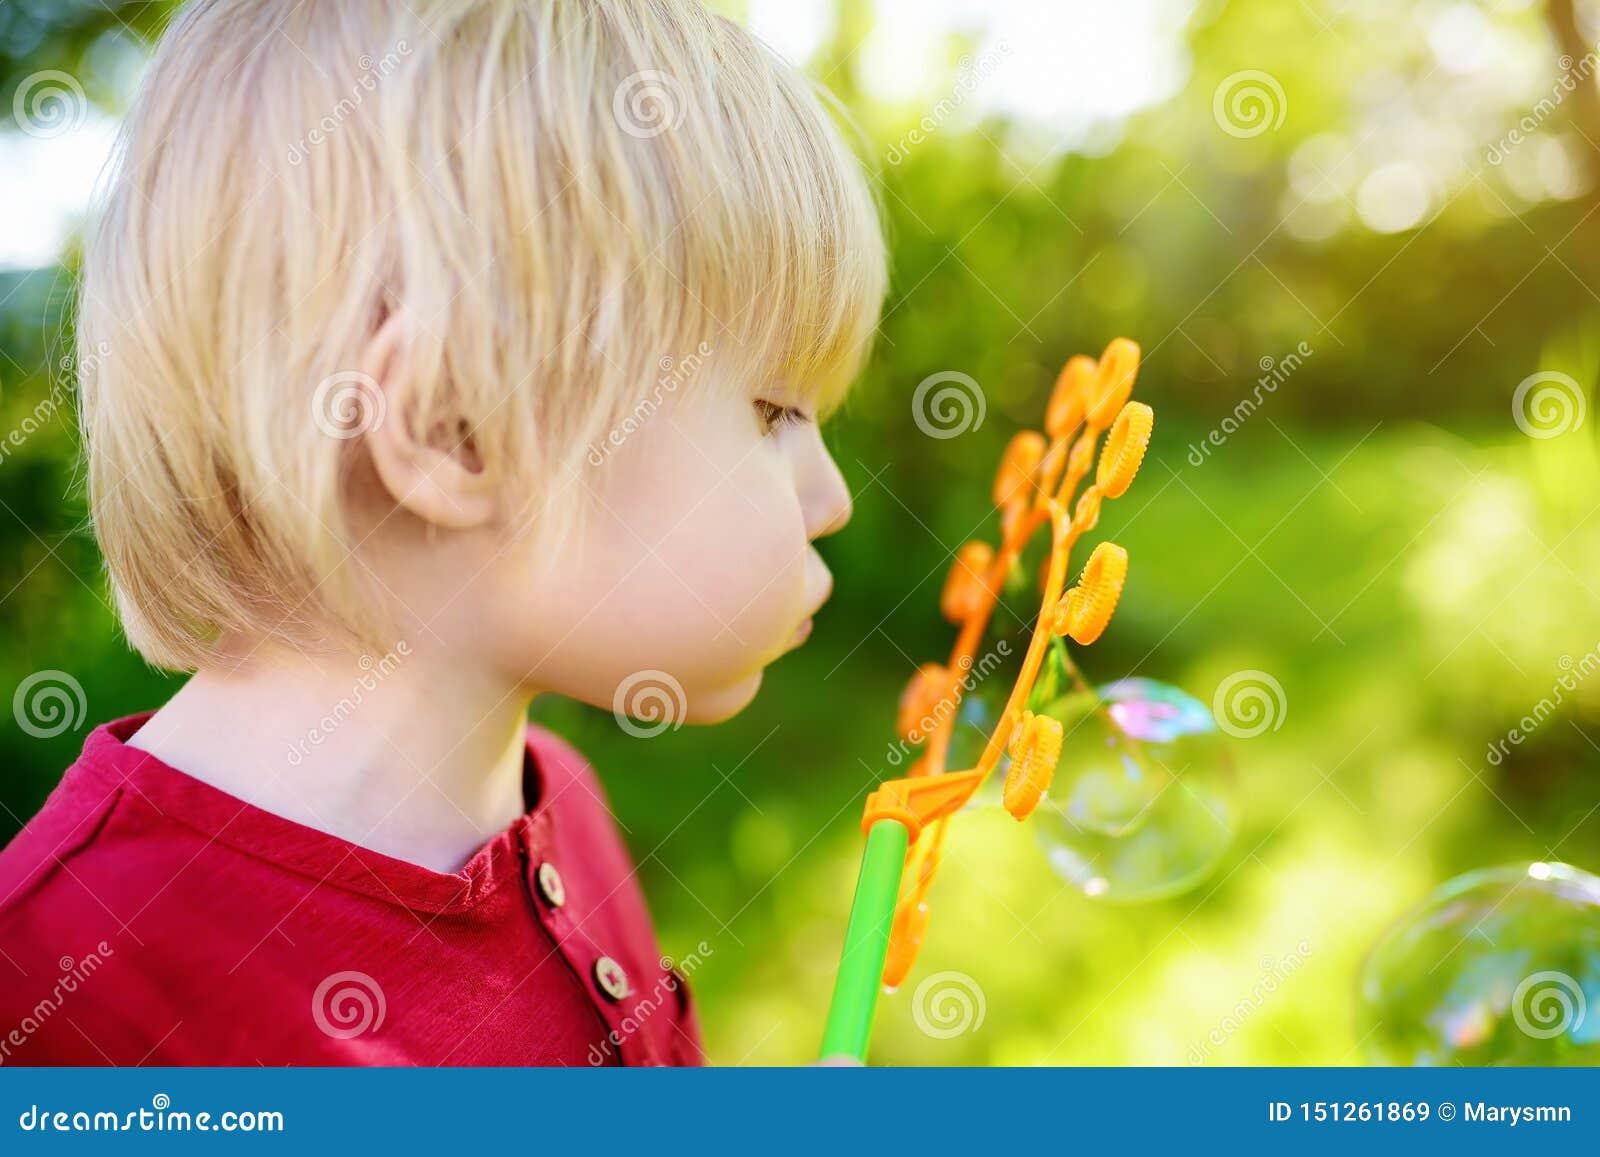 Το χαριτωμένο μικρό παιδί παίζει με τις μεγάλες φυσαλίδες υπαίθριες Το παιδί φυσά τις μεγάλες και μικρές φυσαλίδες ταυτόχρονα